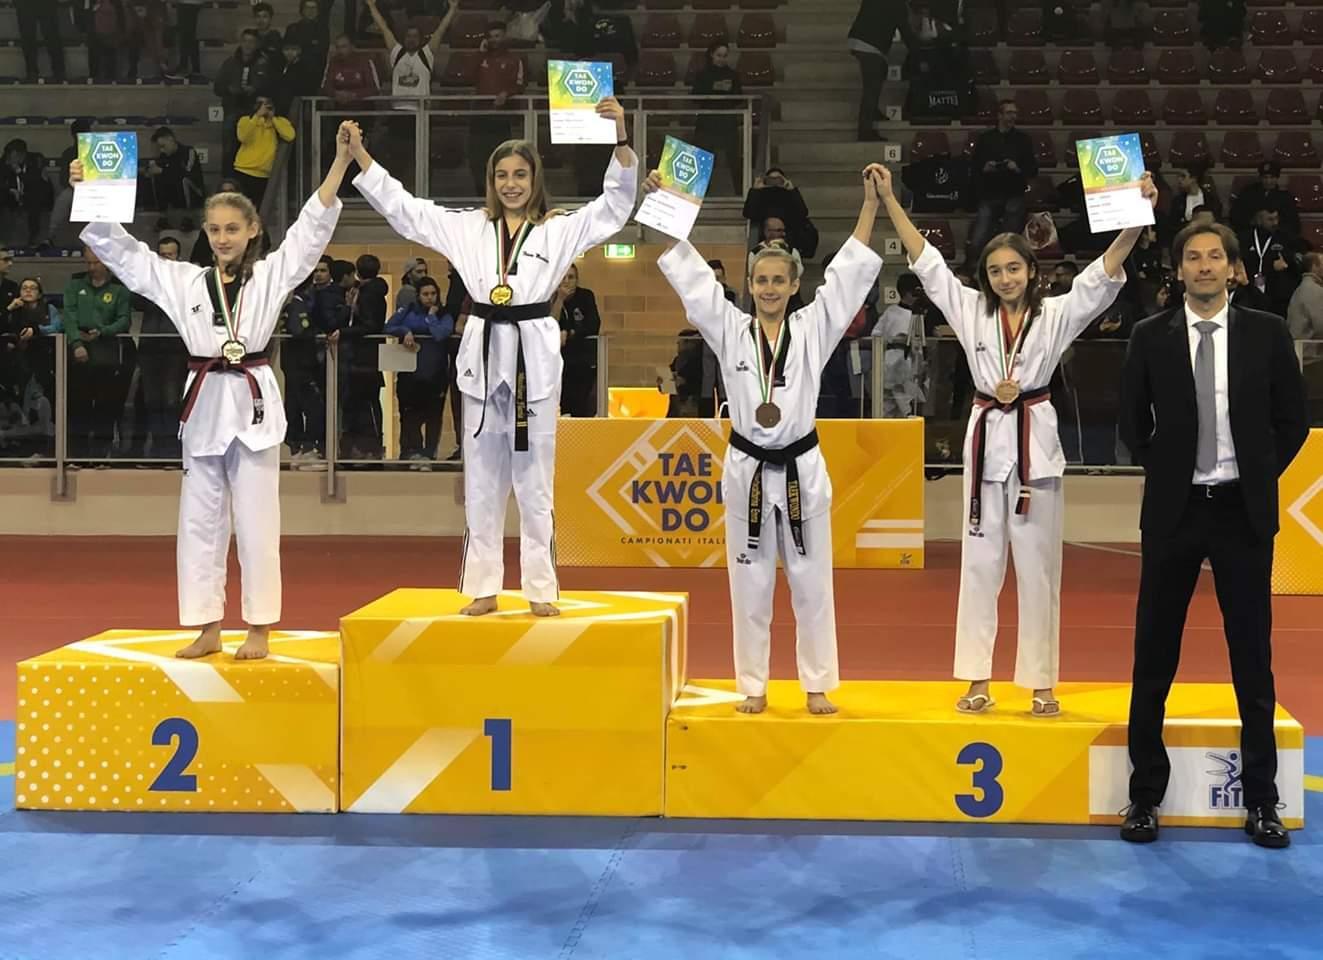 taekwondo-flavia-macchione-l-orgoglio-della-fenice-cintura-nera-a-riccione-nei-campionati-italiani